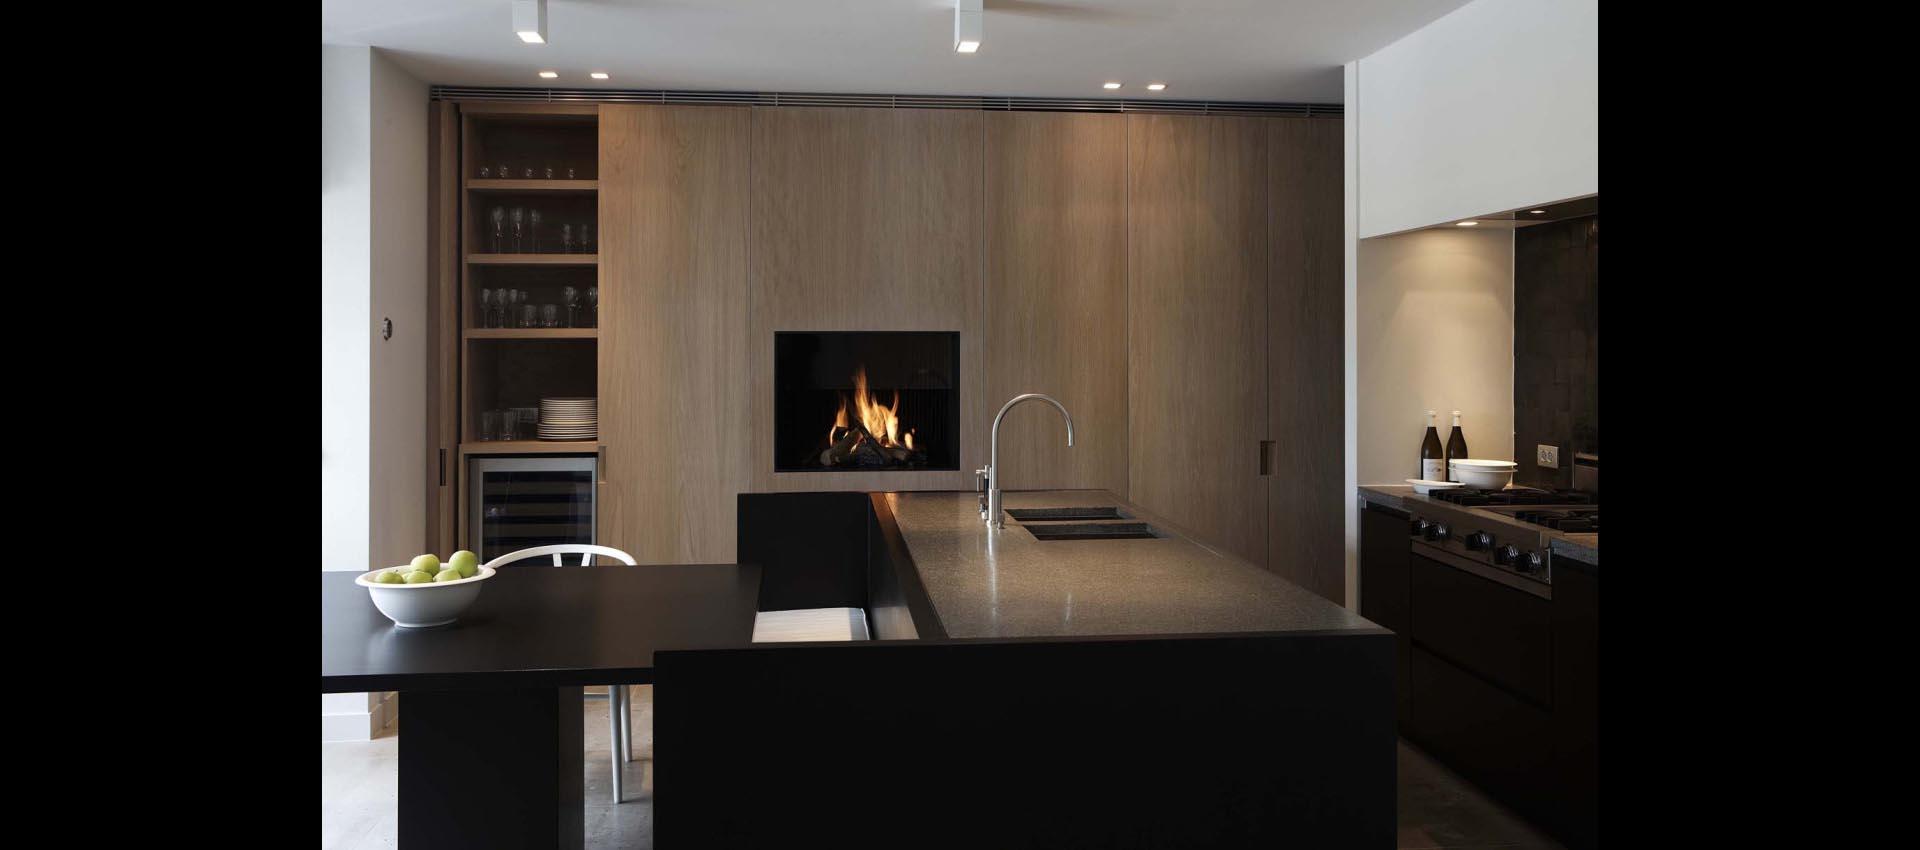 Großartig Kamin In Küchenschrank Fotos - Küchenschrank Ideen ...